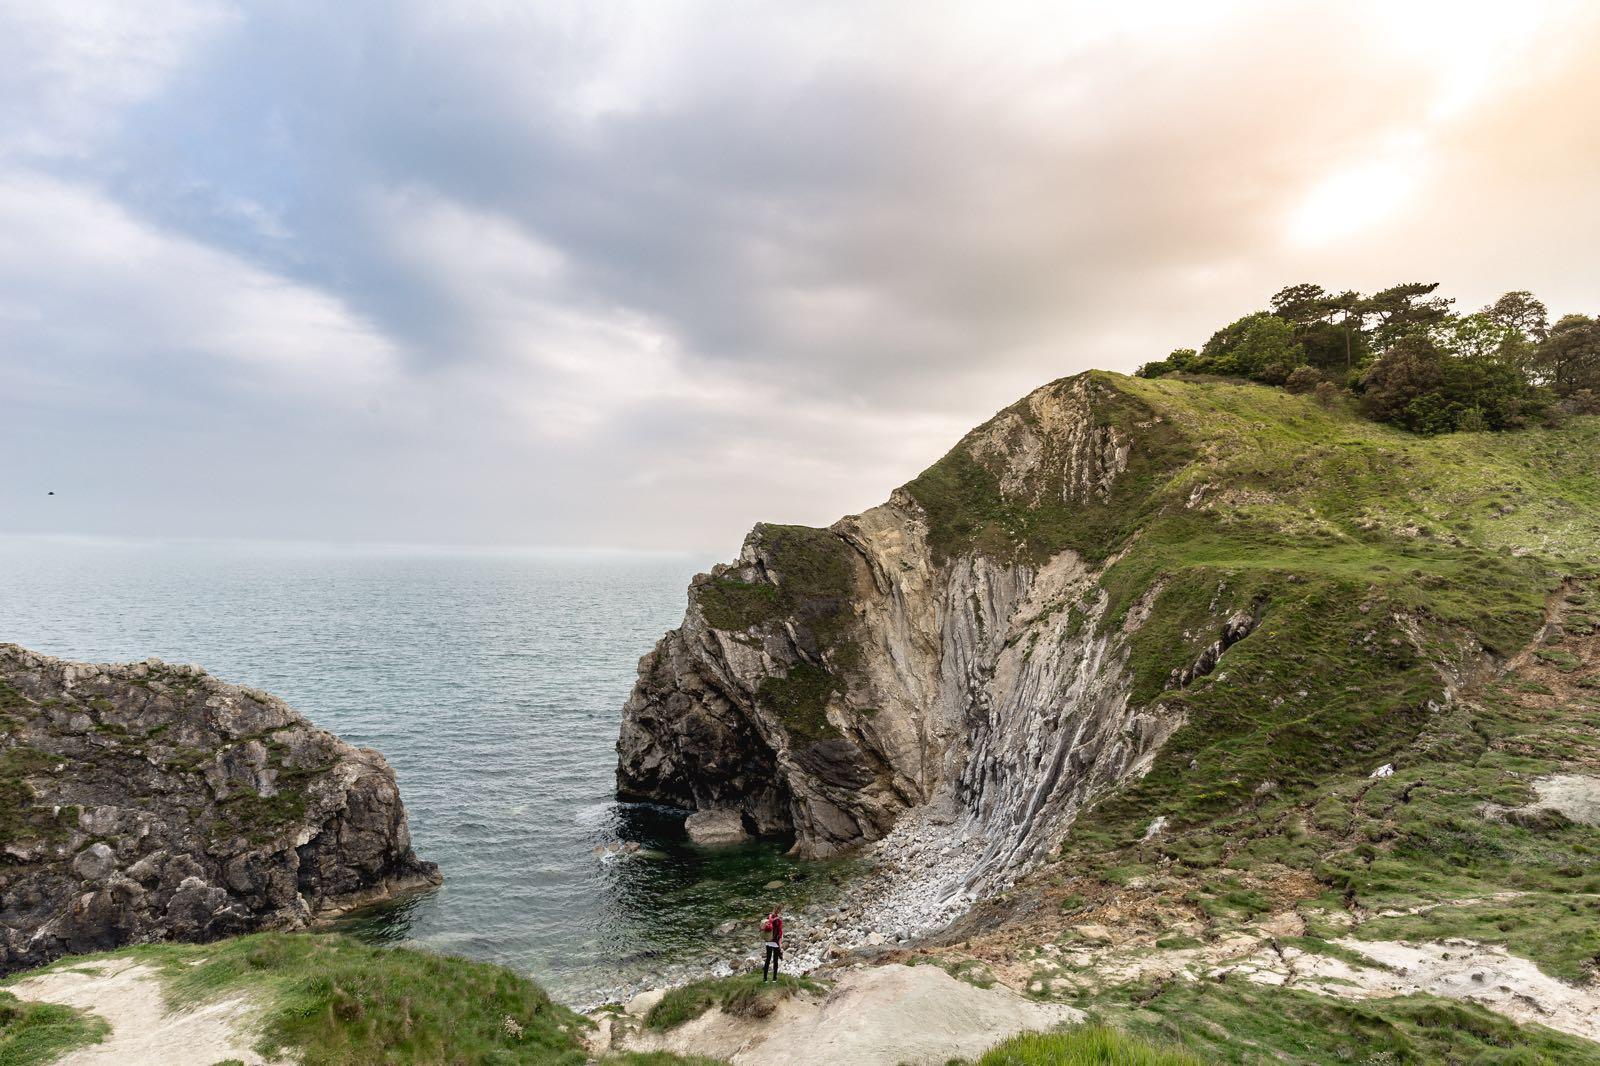 dorset-durdle-door-britain-uk-nature